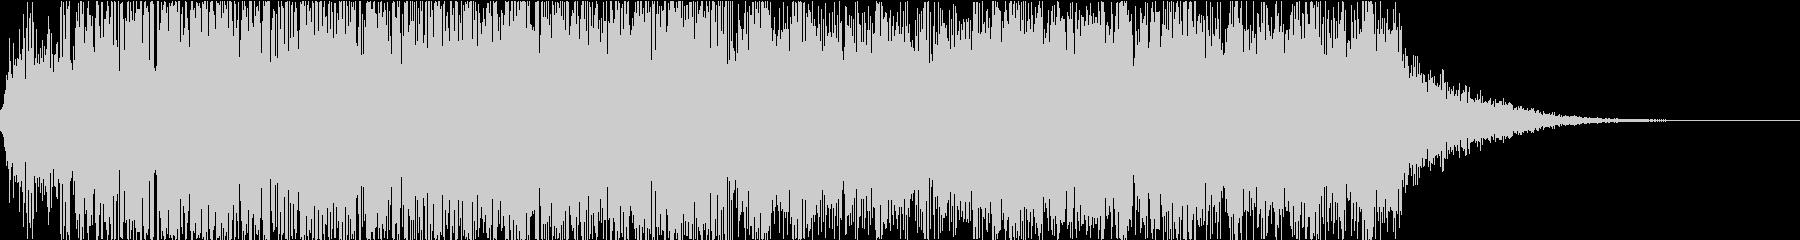 怪物・モンスターの鳴き声・ゲーム・映画dの未再生の波形